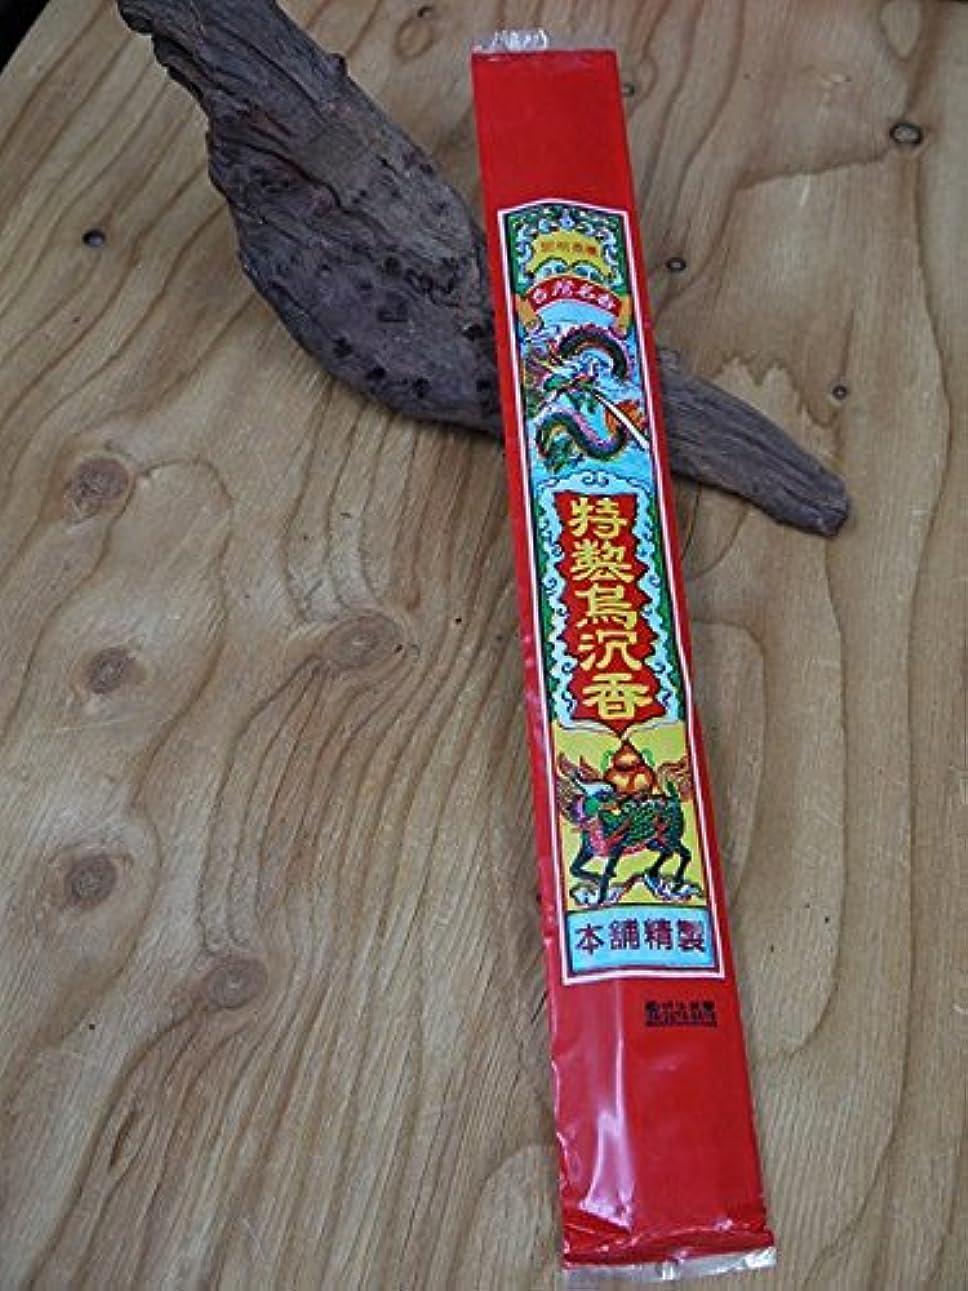 精神オーク化粧特製鳥沈香 台湾のお香「特製鳥沈香」お寺などに供えるポピュラーなお香